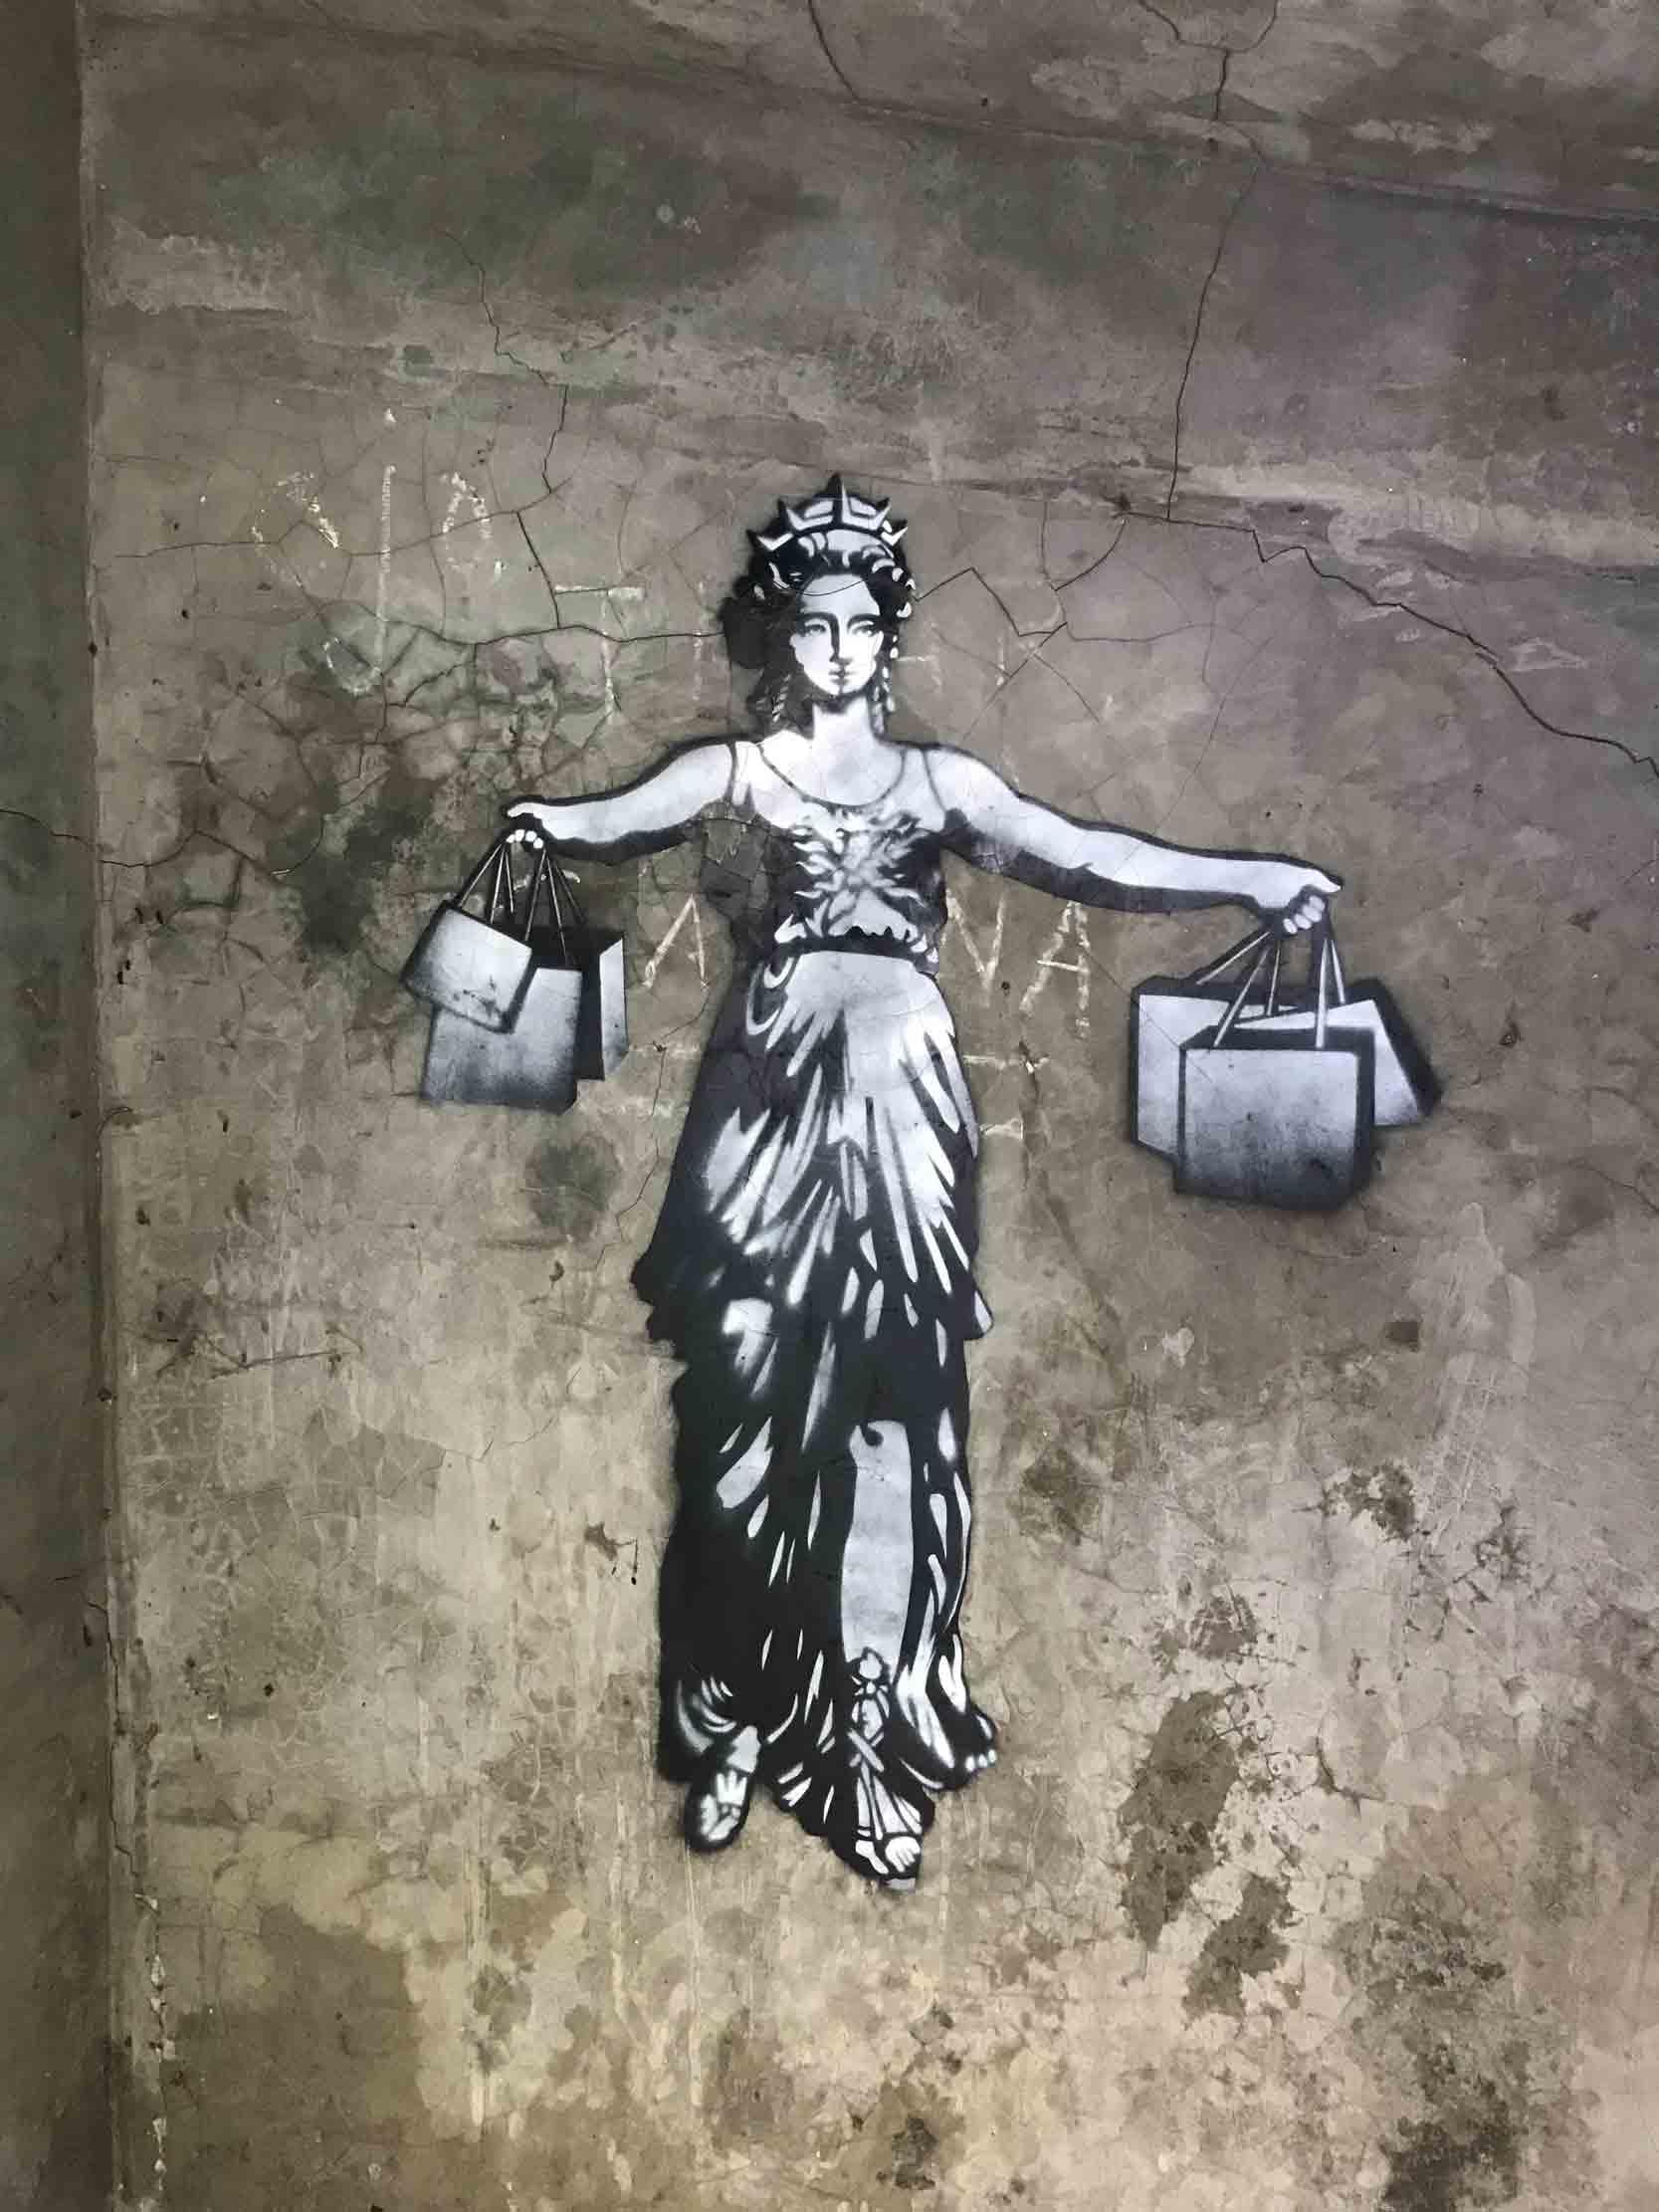 arte urbano Sm172 Barcelona